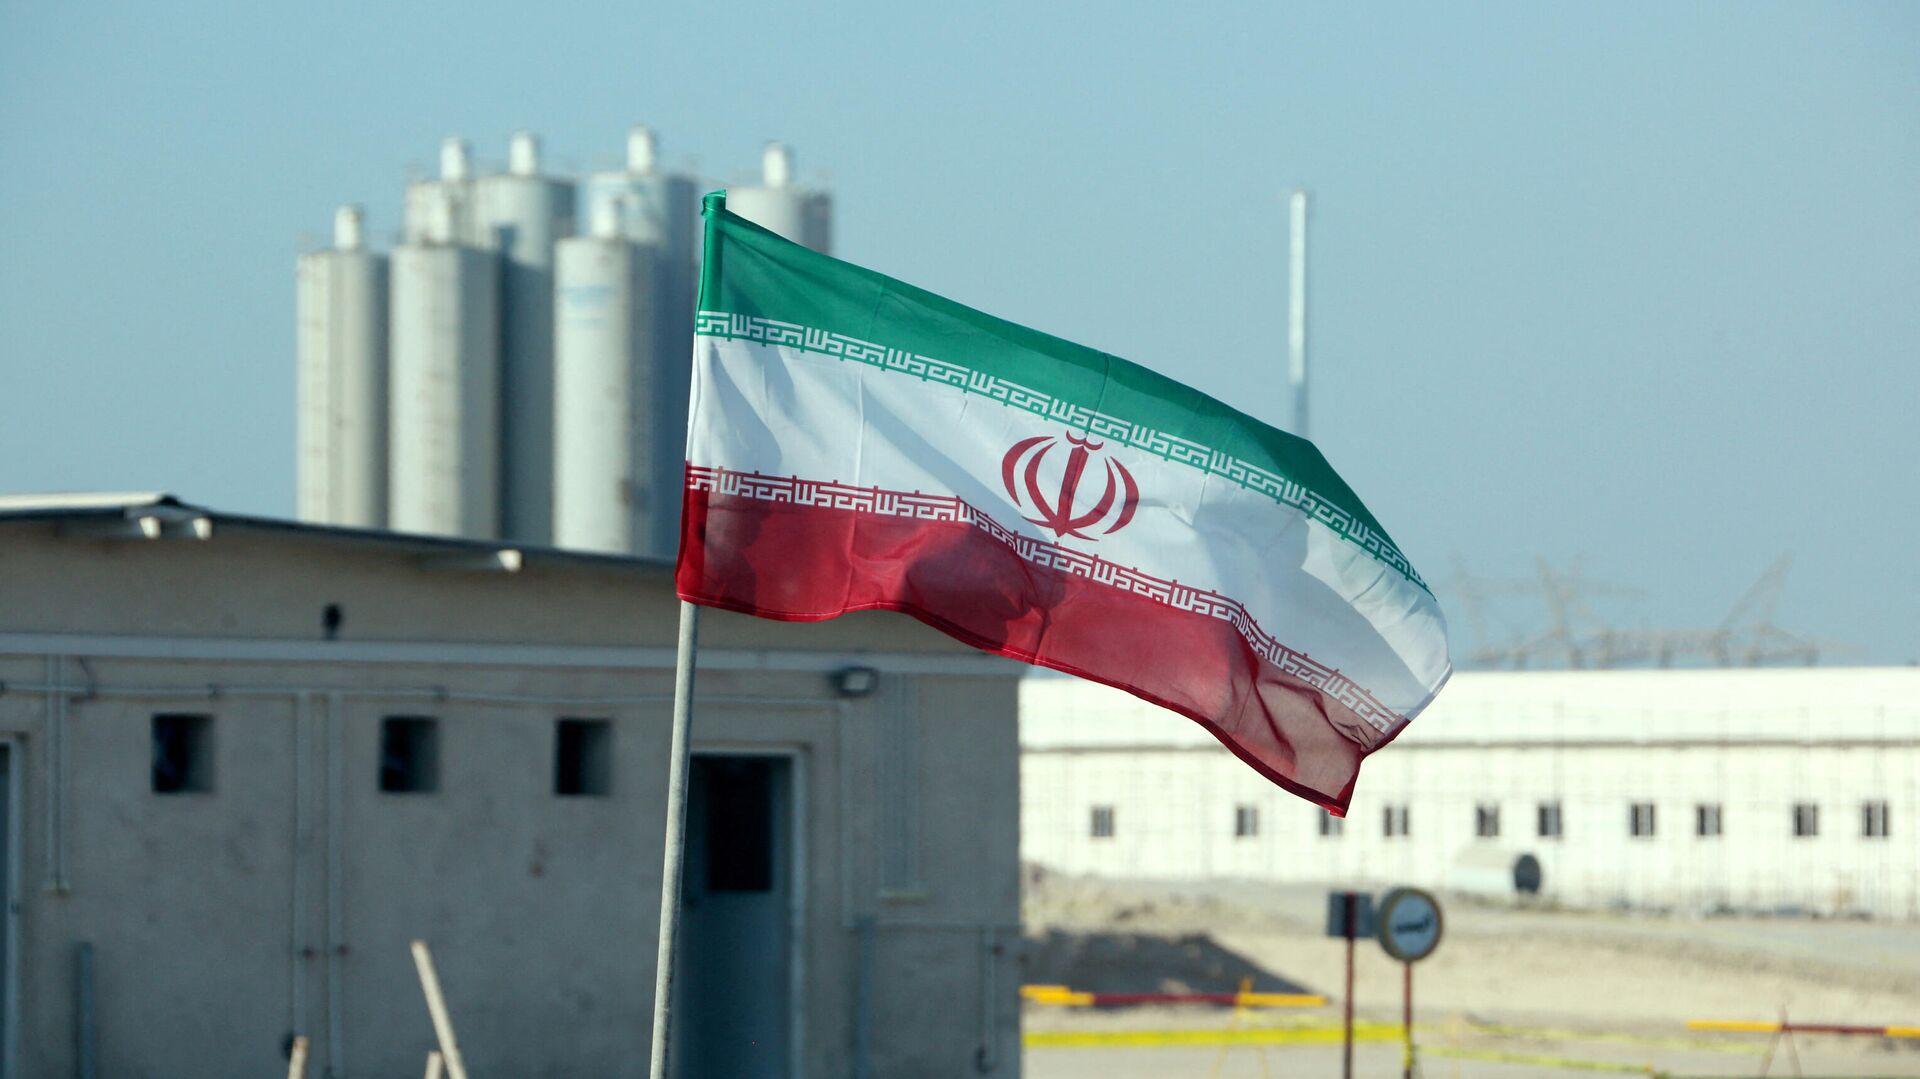 La bandera de Irán frente a una planta nuclear (archivo) - Sputnik Mundo, 1920, 26.07.2021